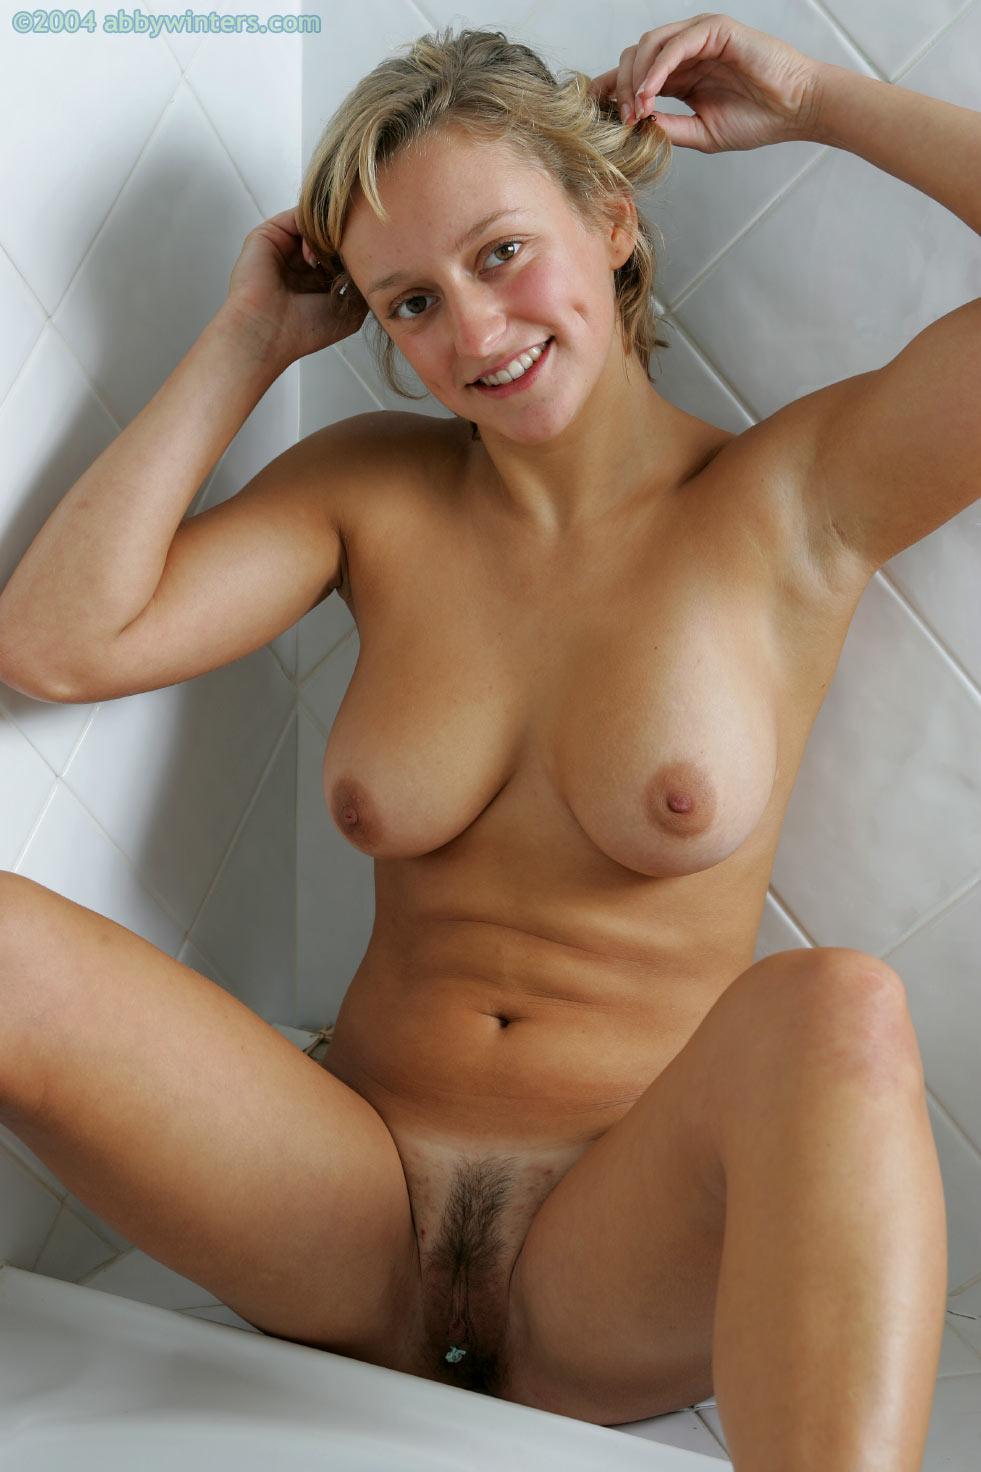 порно фото девушки с животными смотреть бесплатно  ВСЁ